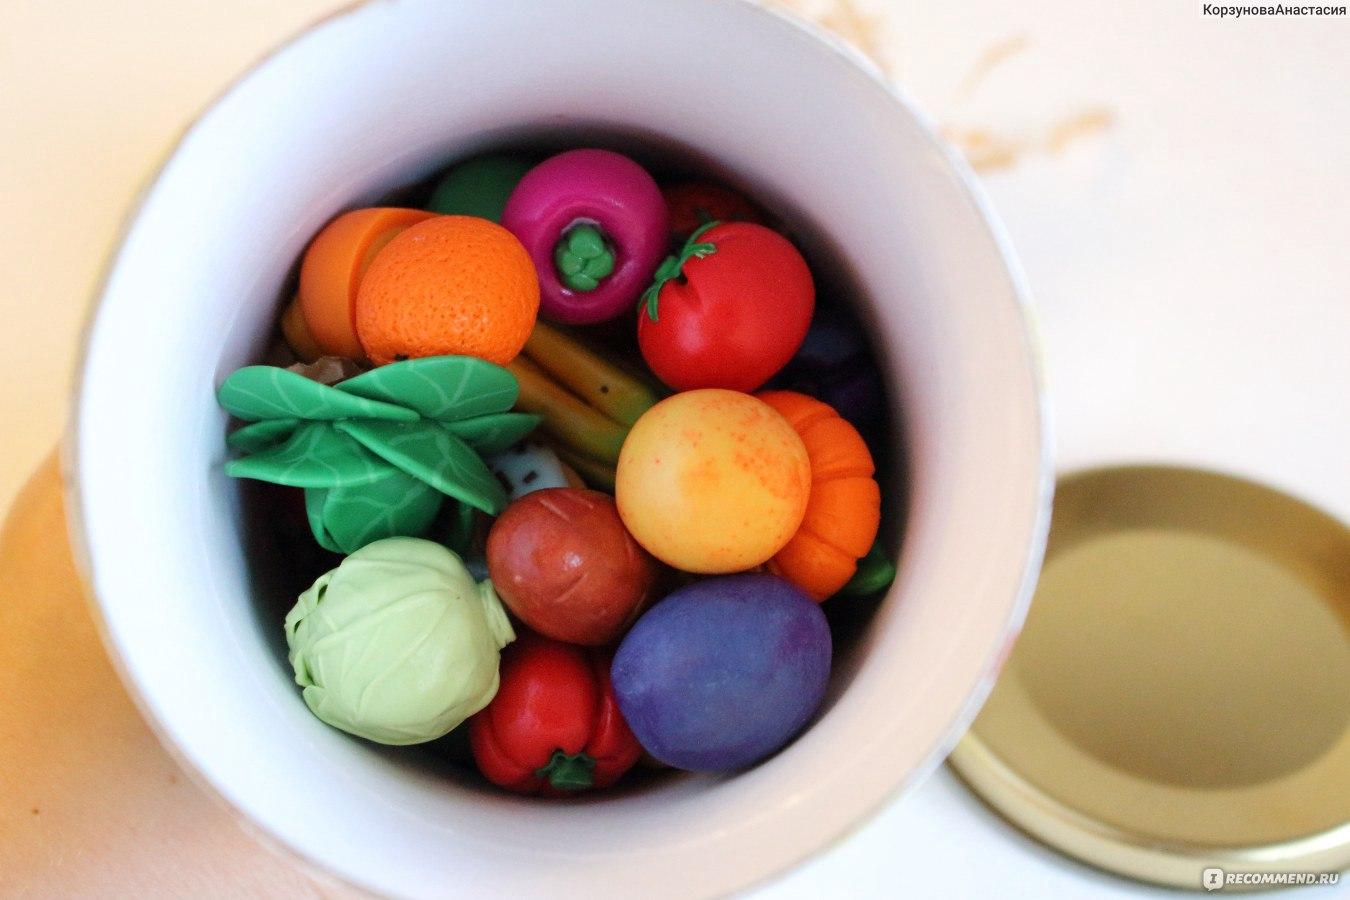 Голодная красотка играет с овощами